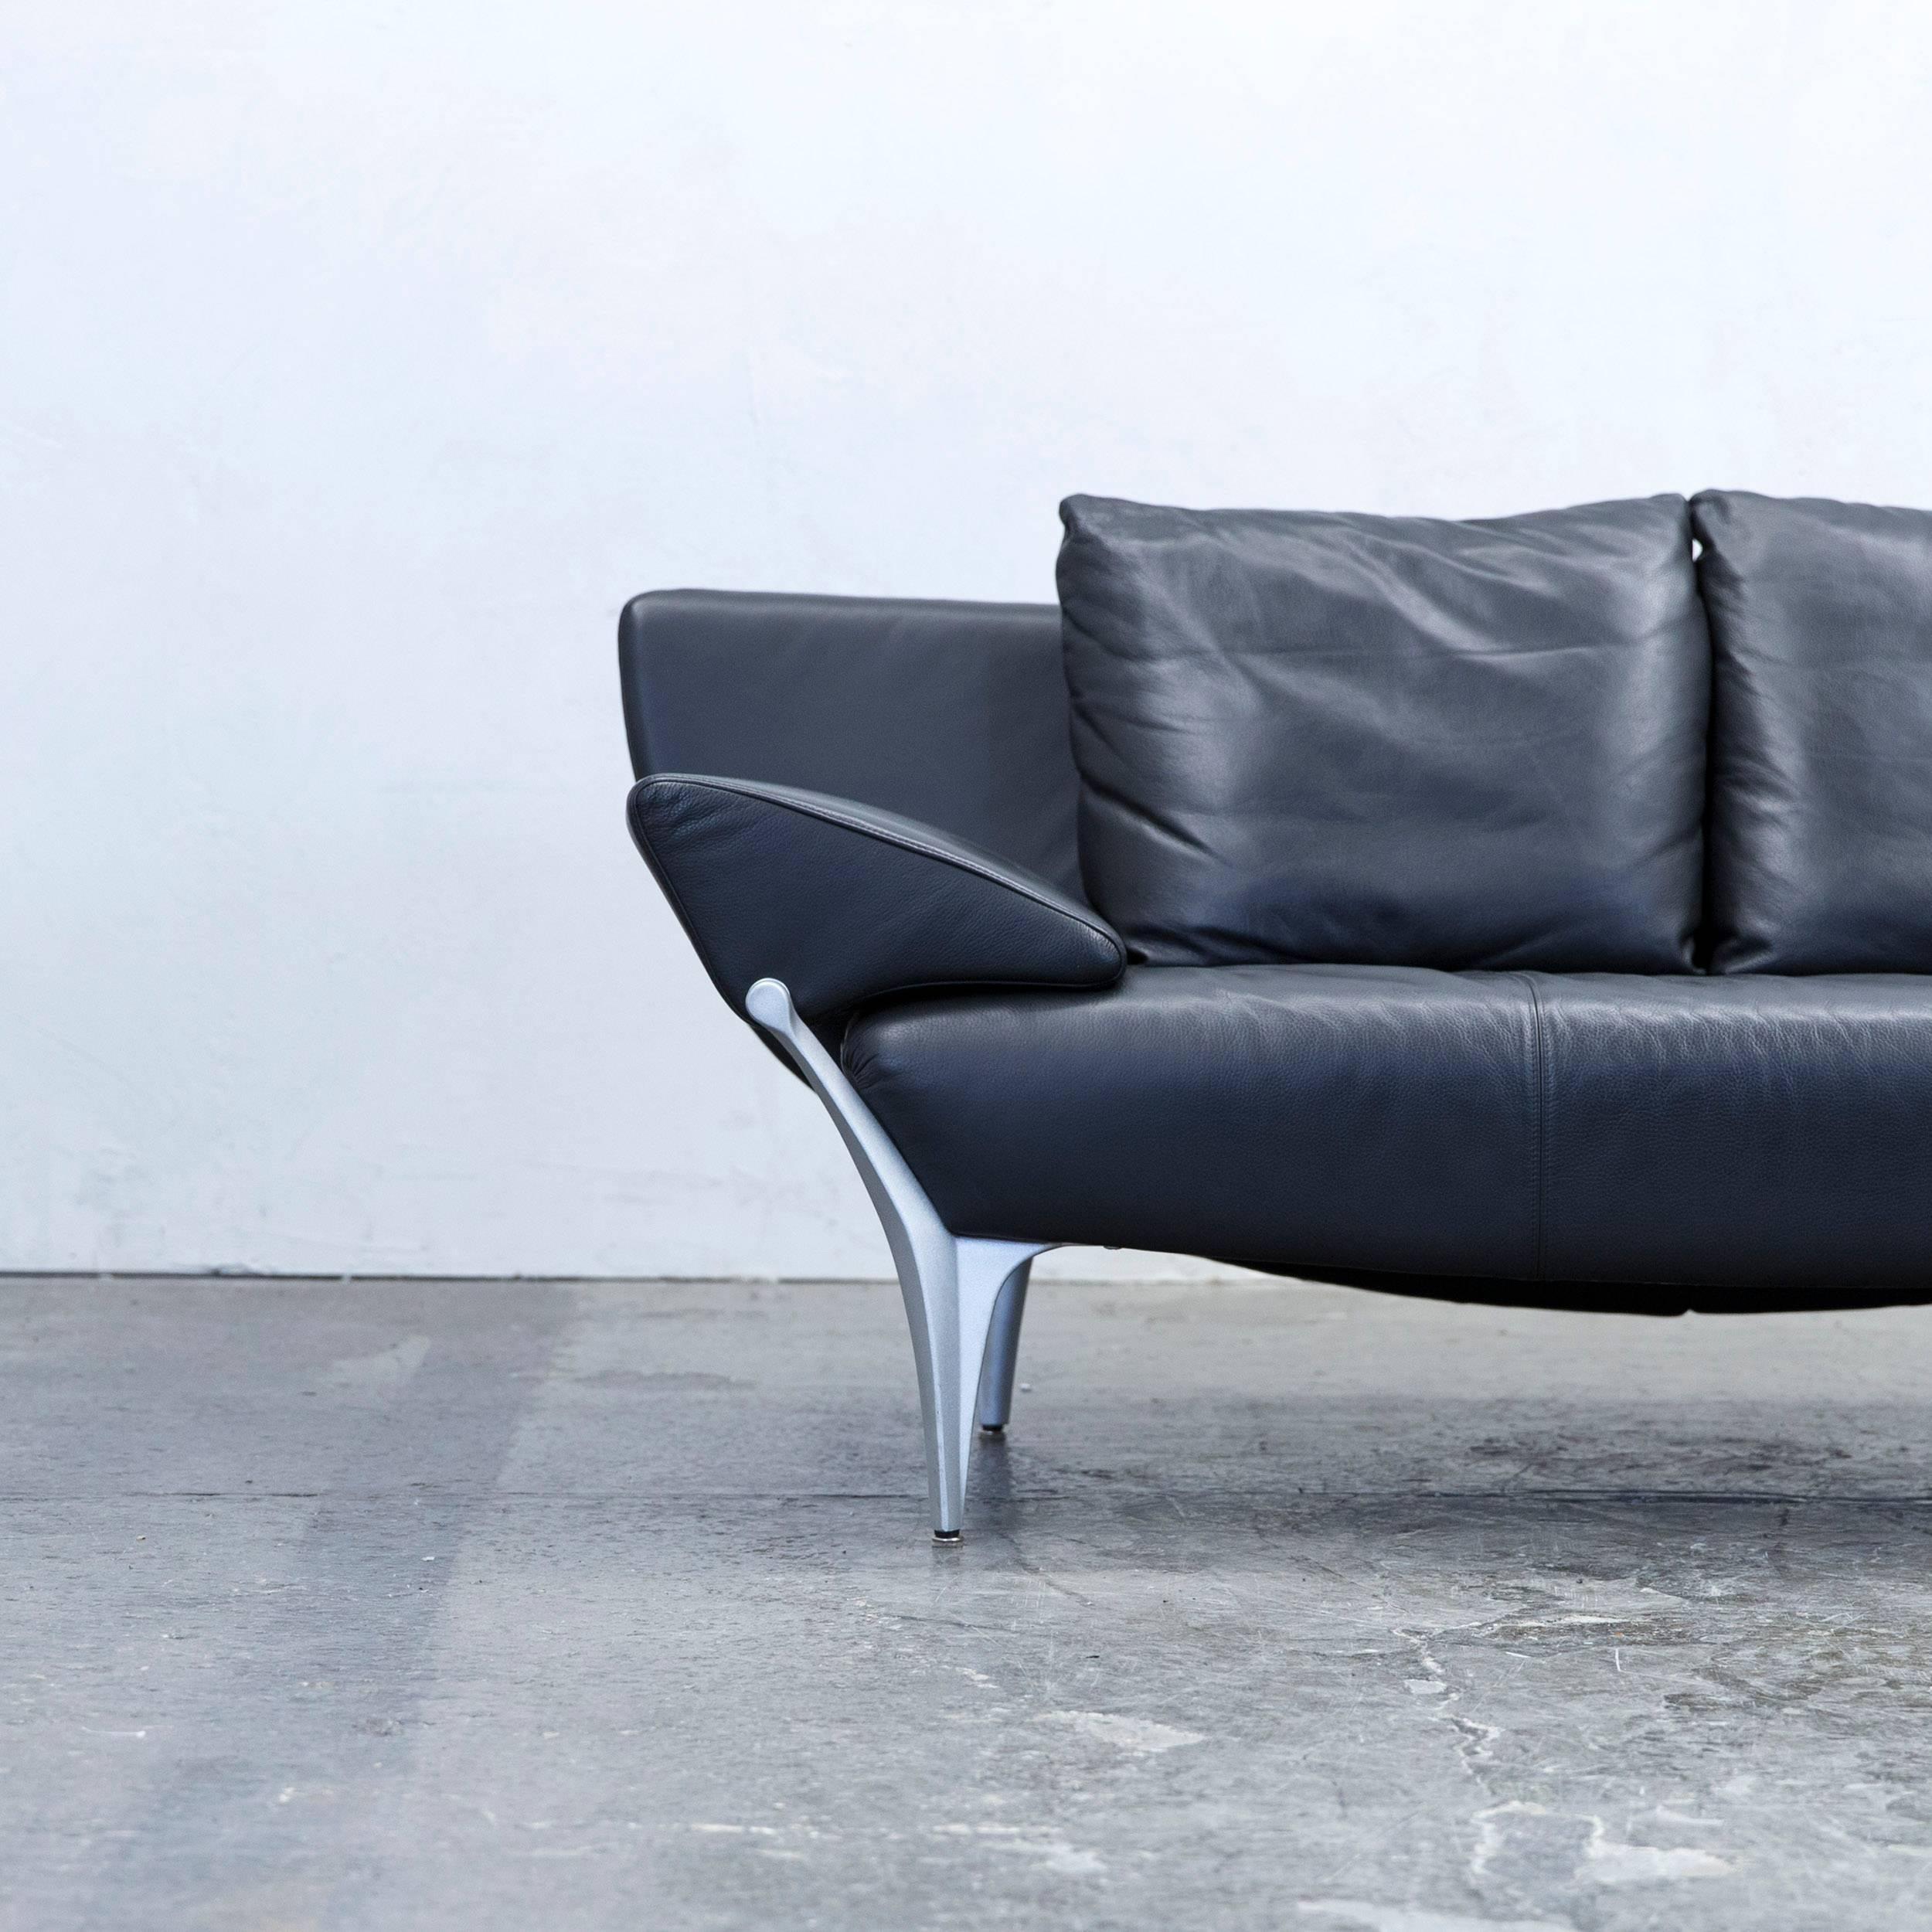 Sofa leder schwarz rolf benz sofa gebraucht kaufen bei for Rolf benz sofa gebraucht